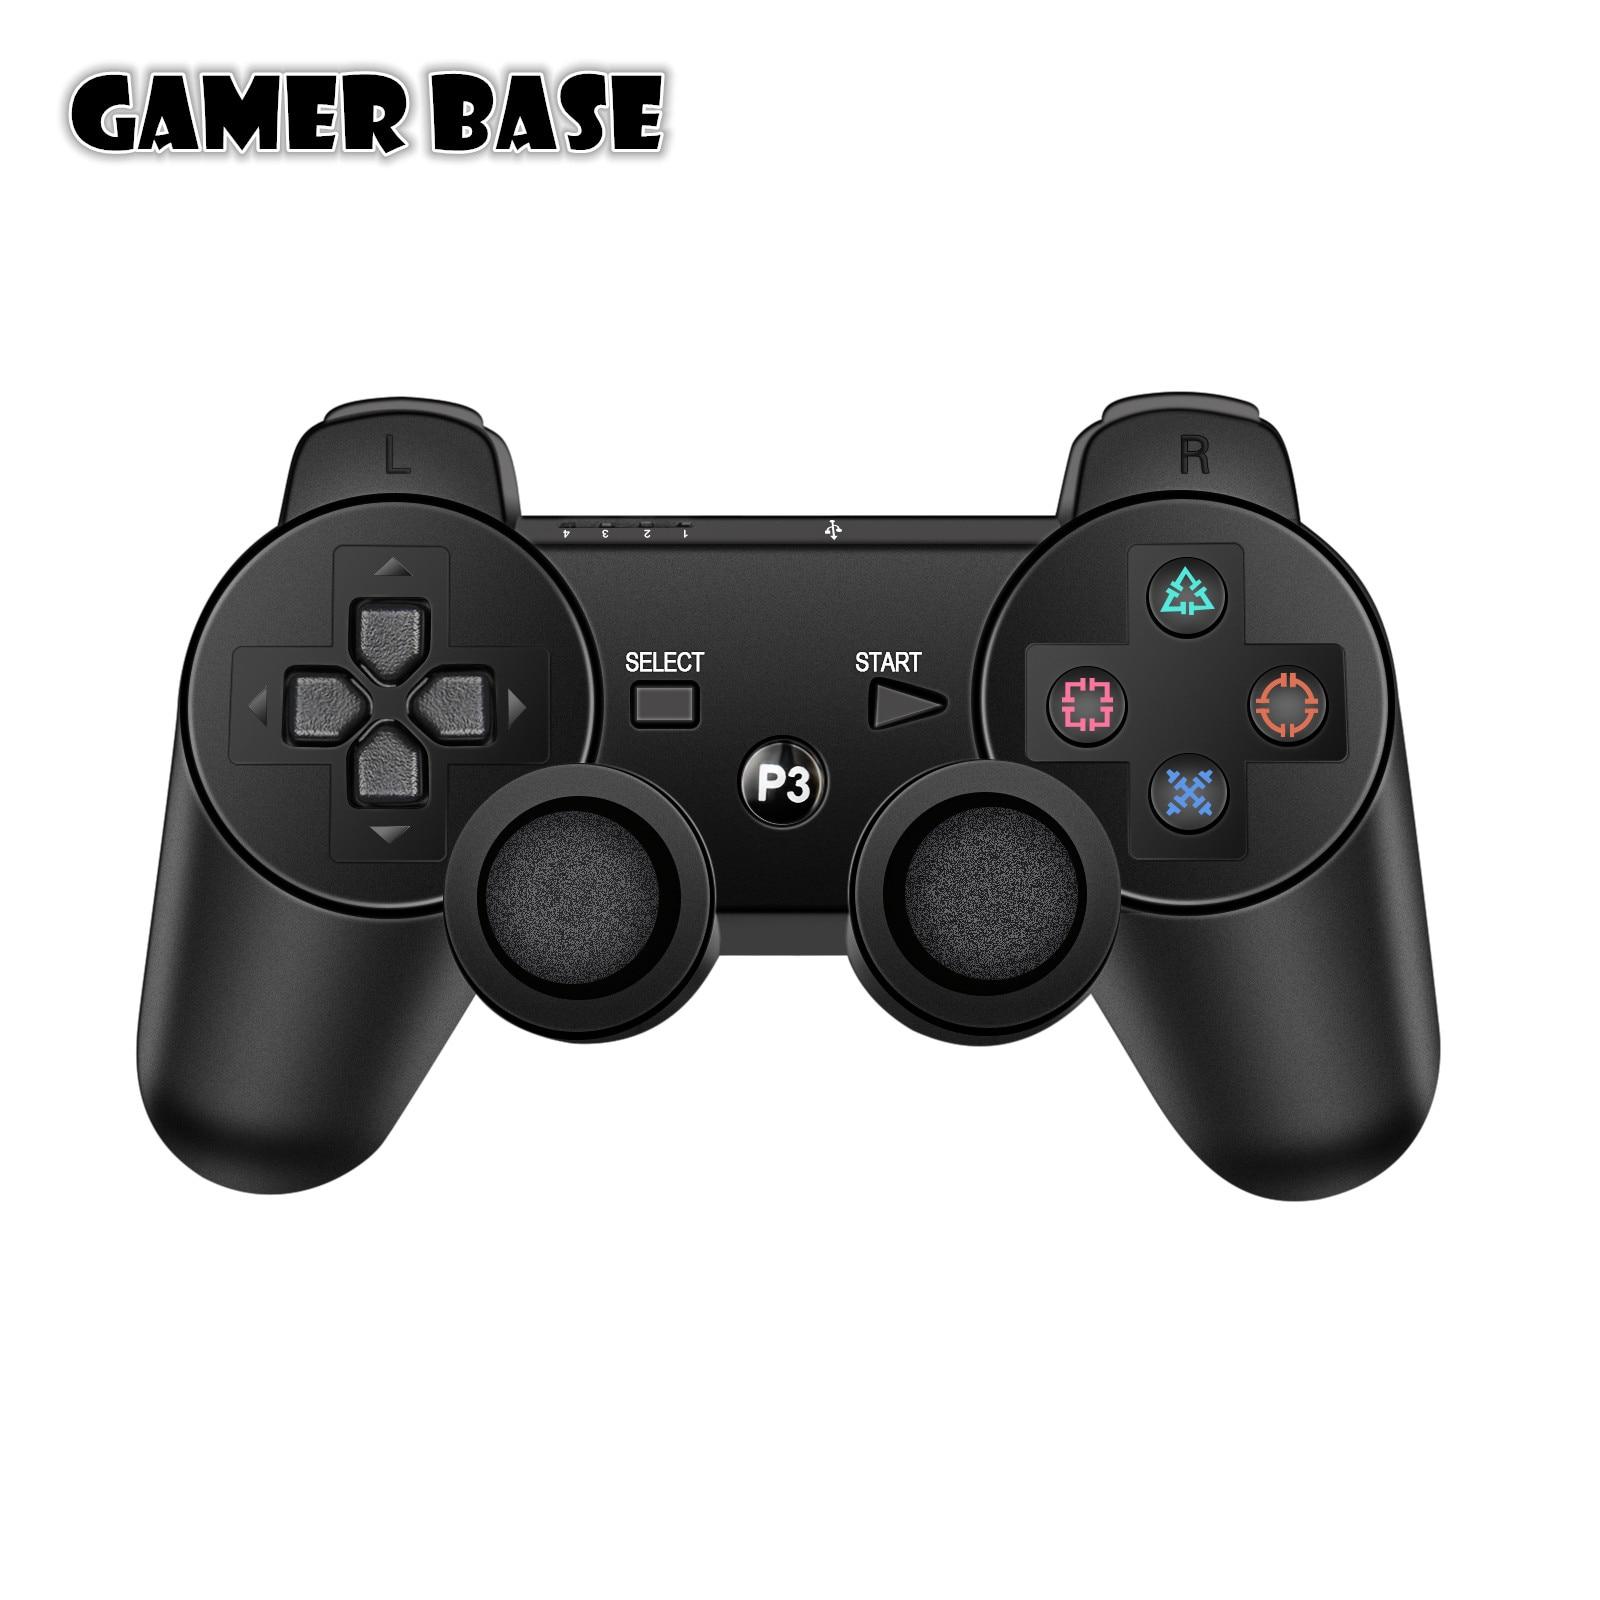 Контроллер, геймпад, поддержка Bluetooth, Android, беспроводной джойстик, джойстик, консоль для PS3/смартфона, для планшетного ПК, приставки Smart TV